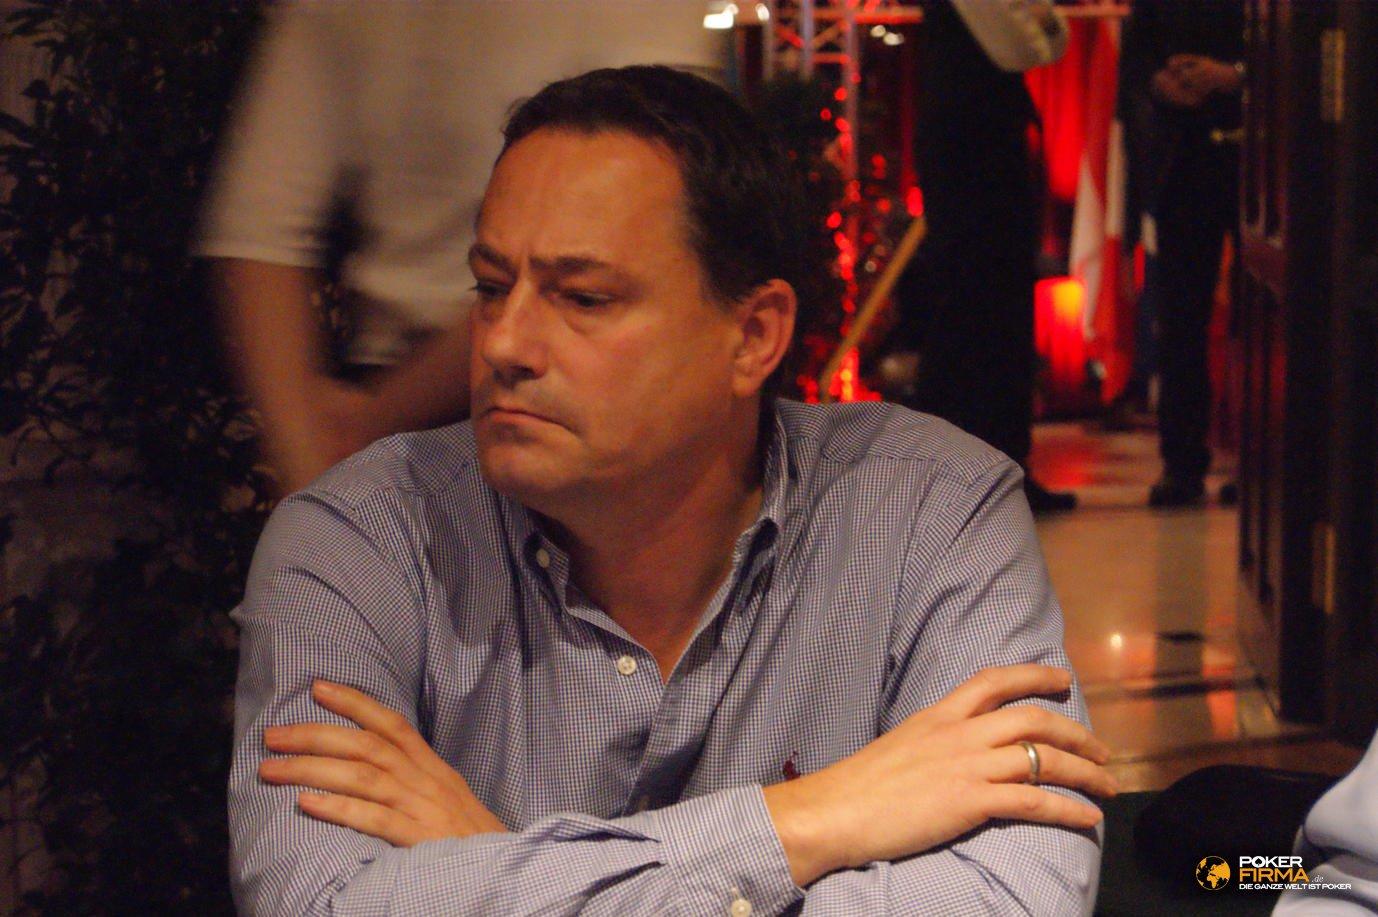 Poker_EM_2000_NLH_251011_Gerd_Eichinger